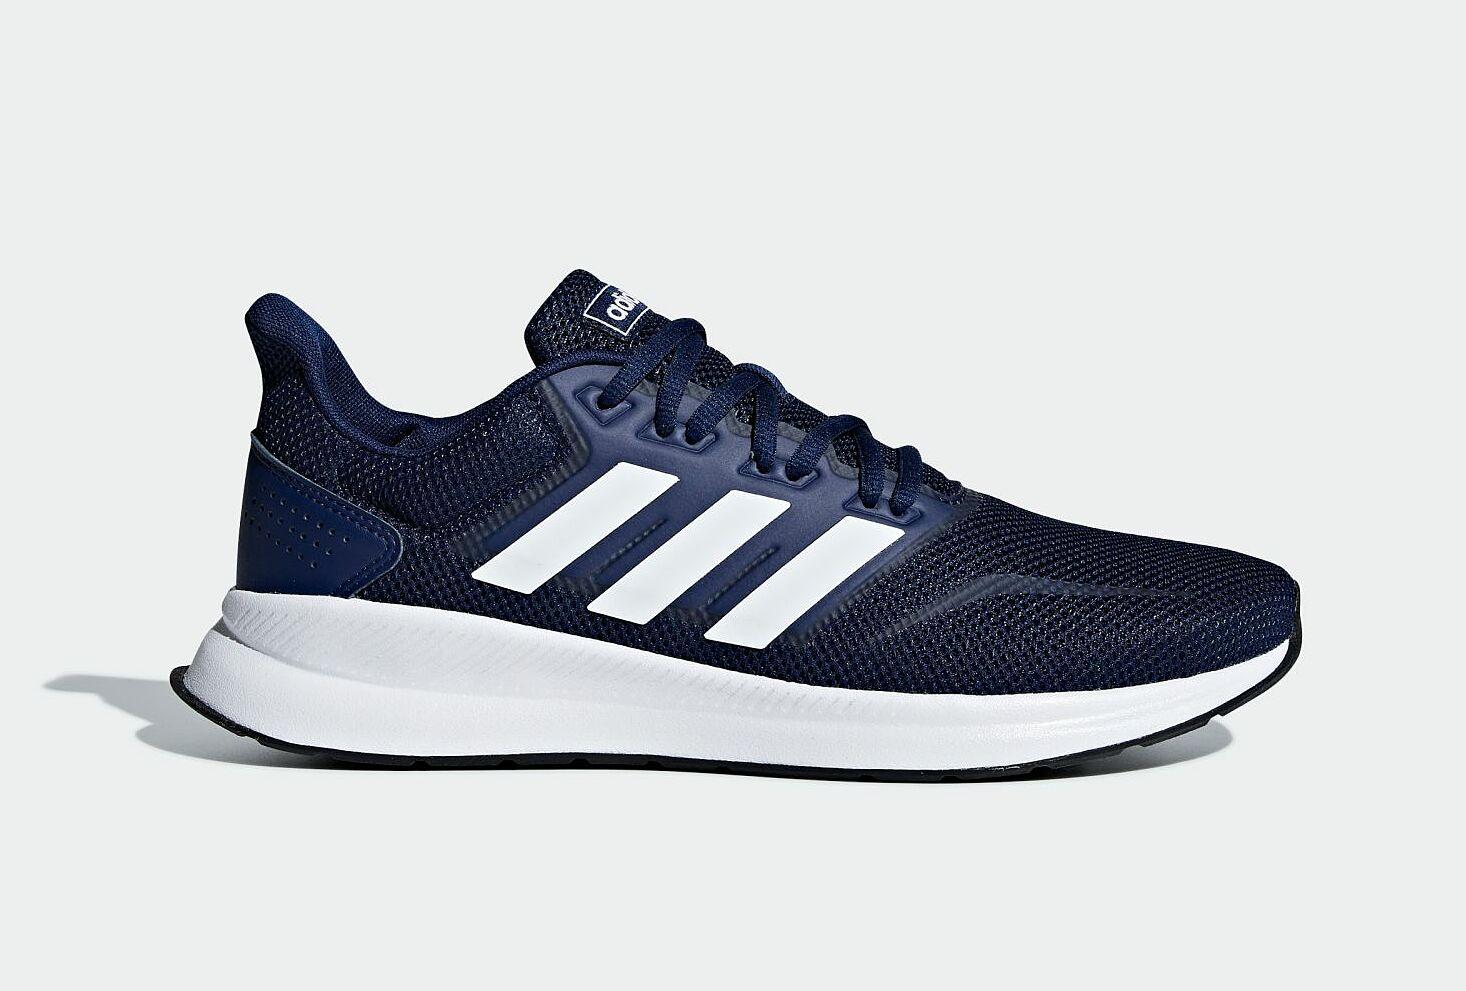 Giày thể thao nam Adidas FalconRun F36201 giảm 29% còn 1,39 triệu đồng; thiết kế đơn giản, cổ điển mang nét đặc trưng của Adidas, giúp người mang dễ phối đồ và sử dụng trong mọi hoàn cảnh. Sản phẩm cho bạn trải nghiệm cảm giác nhẹ nhàng và êm ái nhờ lớp đế ngoài giảm sốc và lớp đệm lót ôm sát lòng bàn chân, phù hợp cho mọi hoạt động hàng ngày.